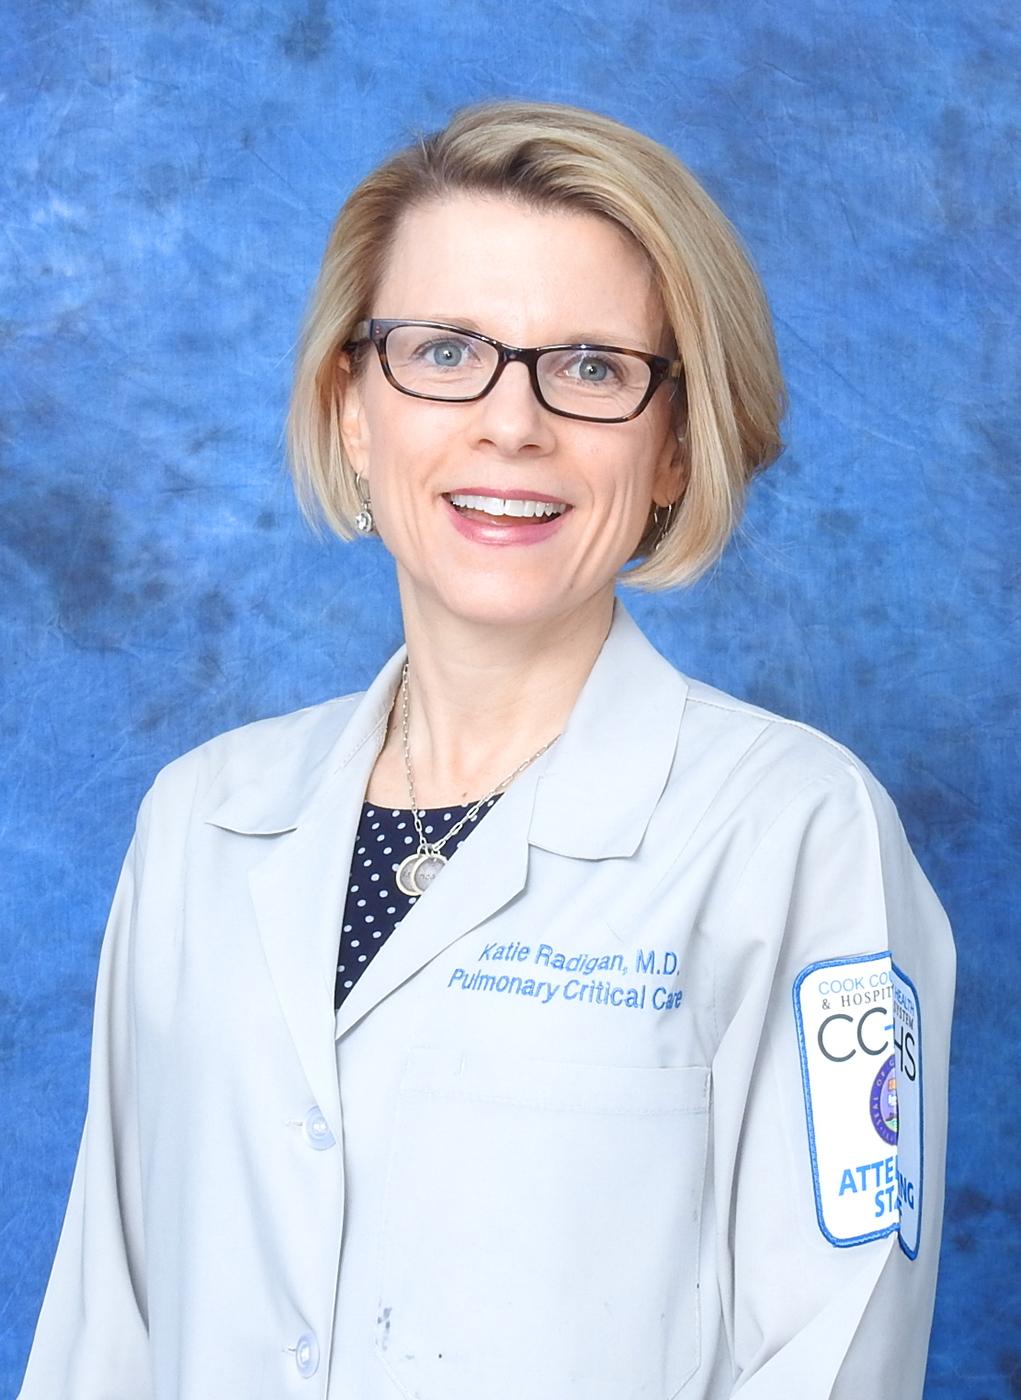 Kathryn Radigan, MD